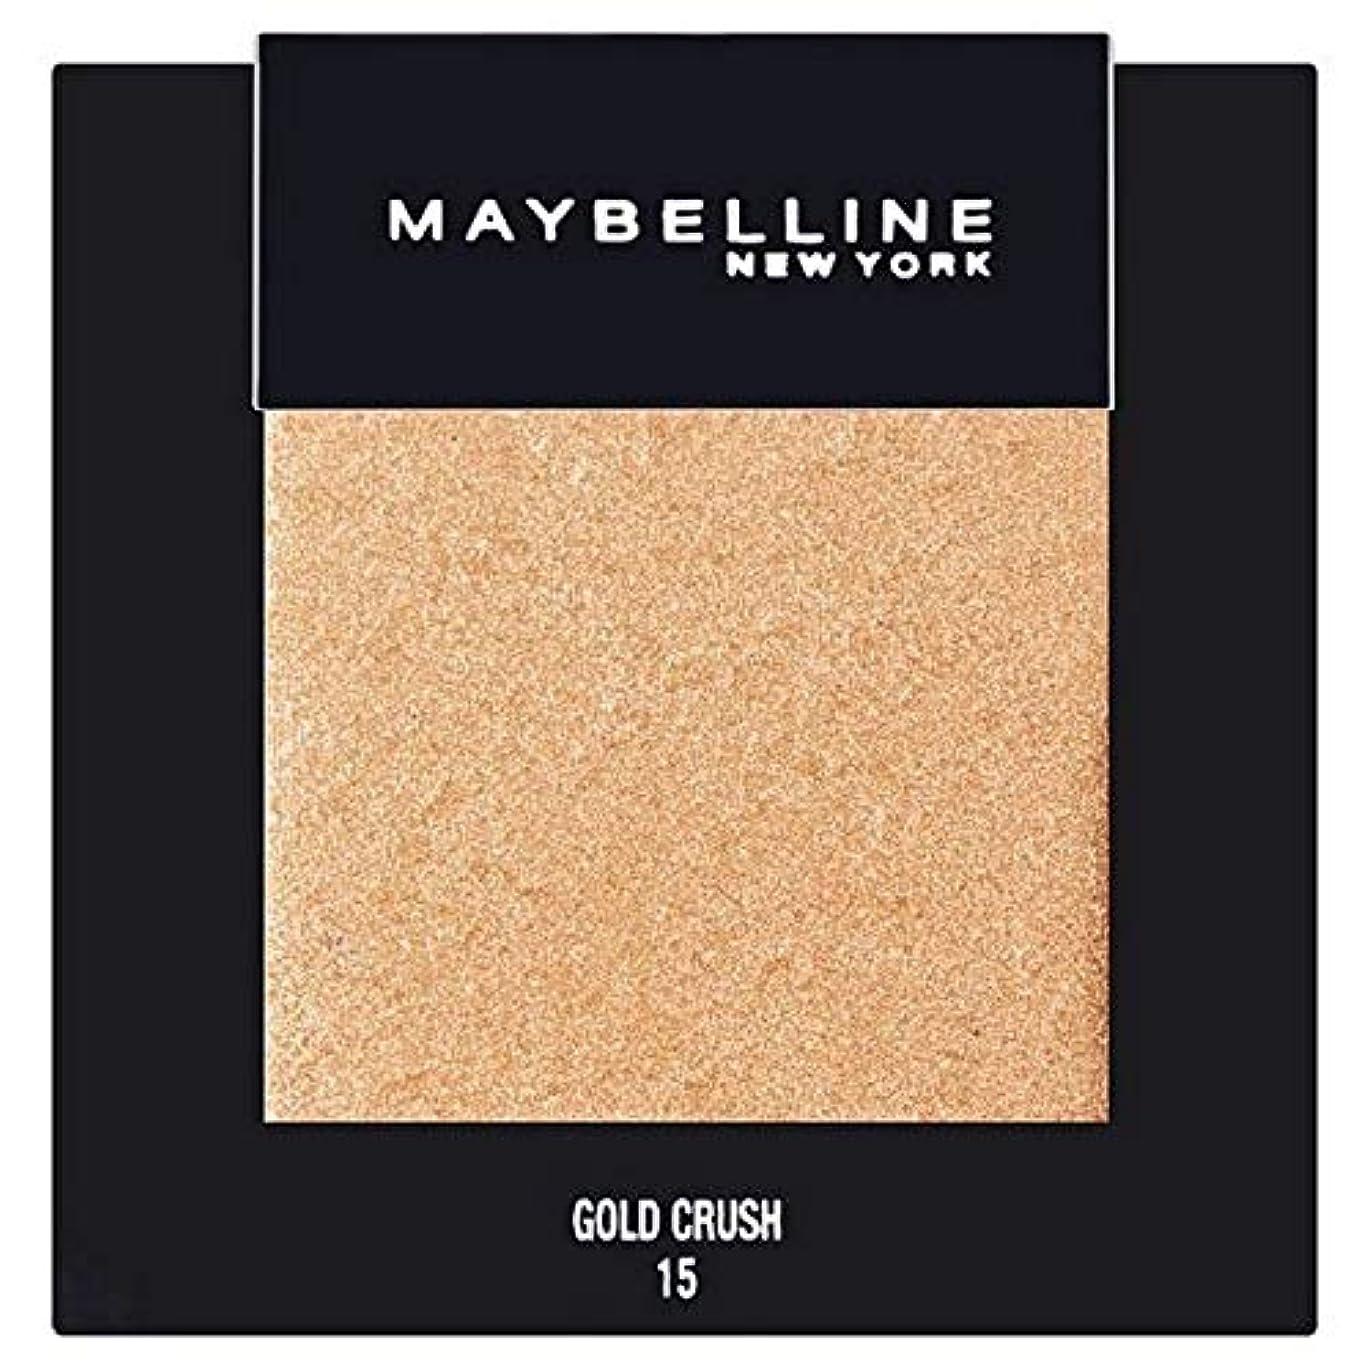 再編成する不完全消える[Maybelline ] メイベリンカラーショーシングルアイシャドウ15金クラッシュ - Maybelline Color Show Single Eyeshadow 15 Gold Crush [並行輸入品]